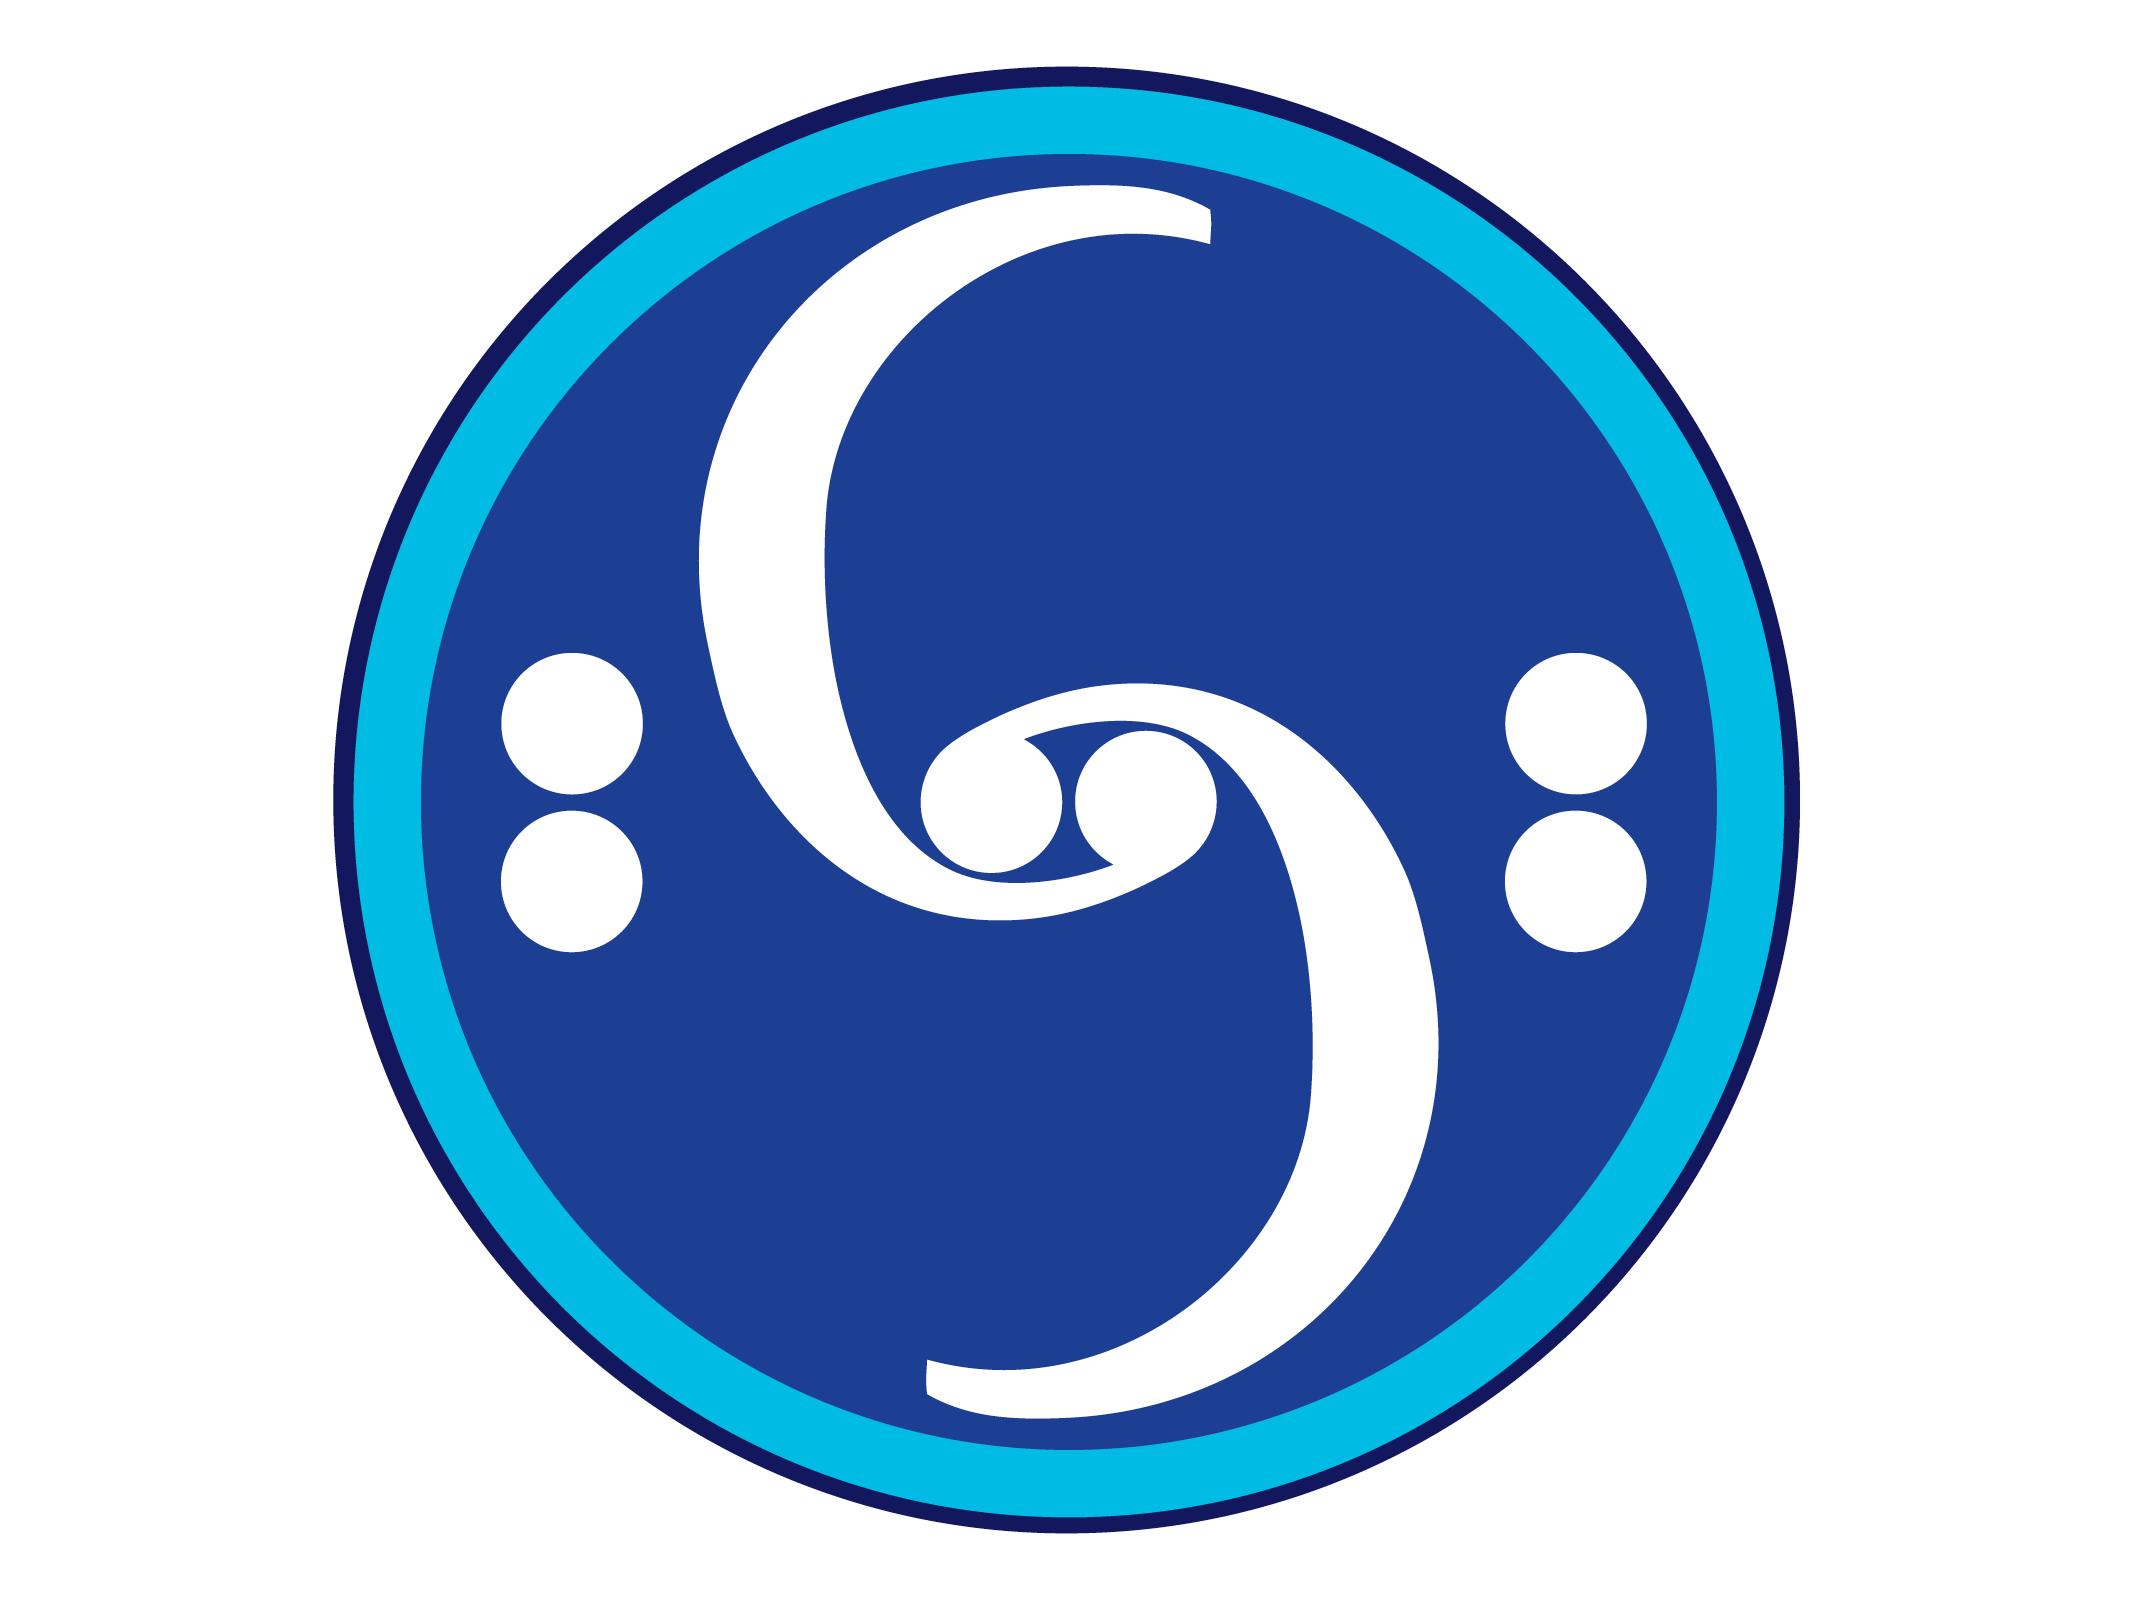 Blueroom logos pics3.jpg